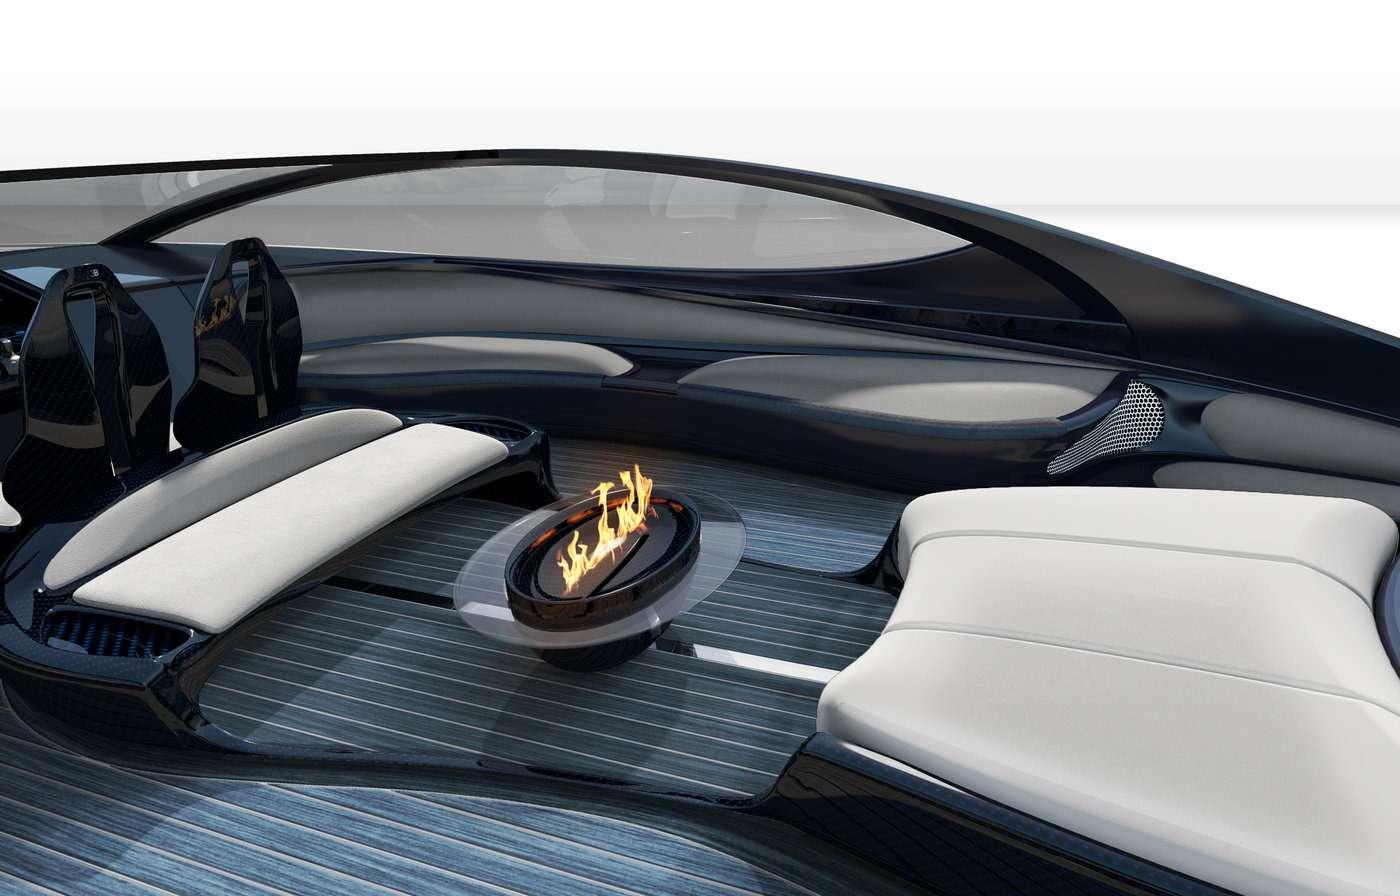 Наволне Широна: подмаркой Bugatti теперь можно купить яхту— фото 720162